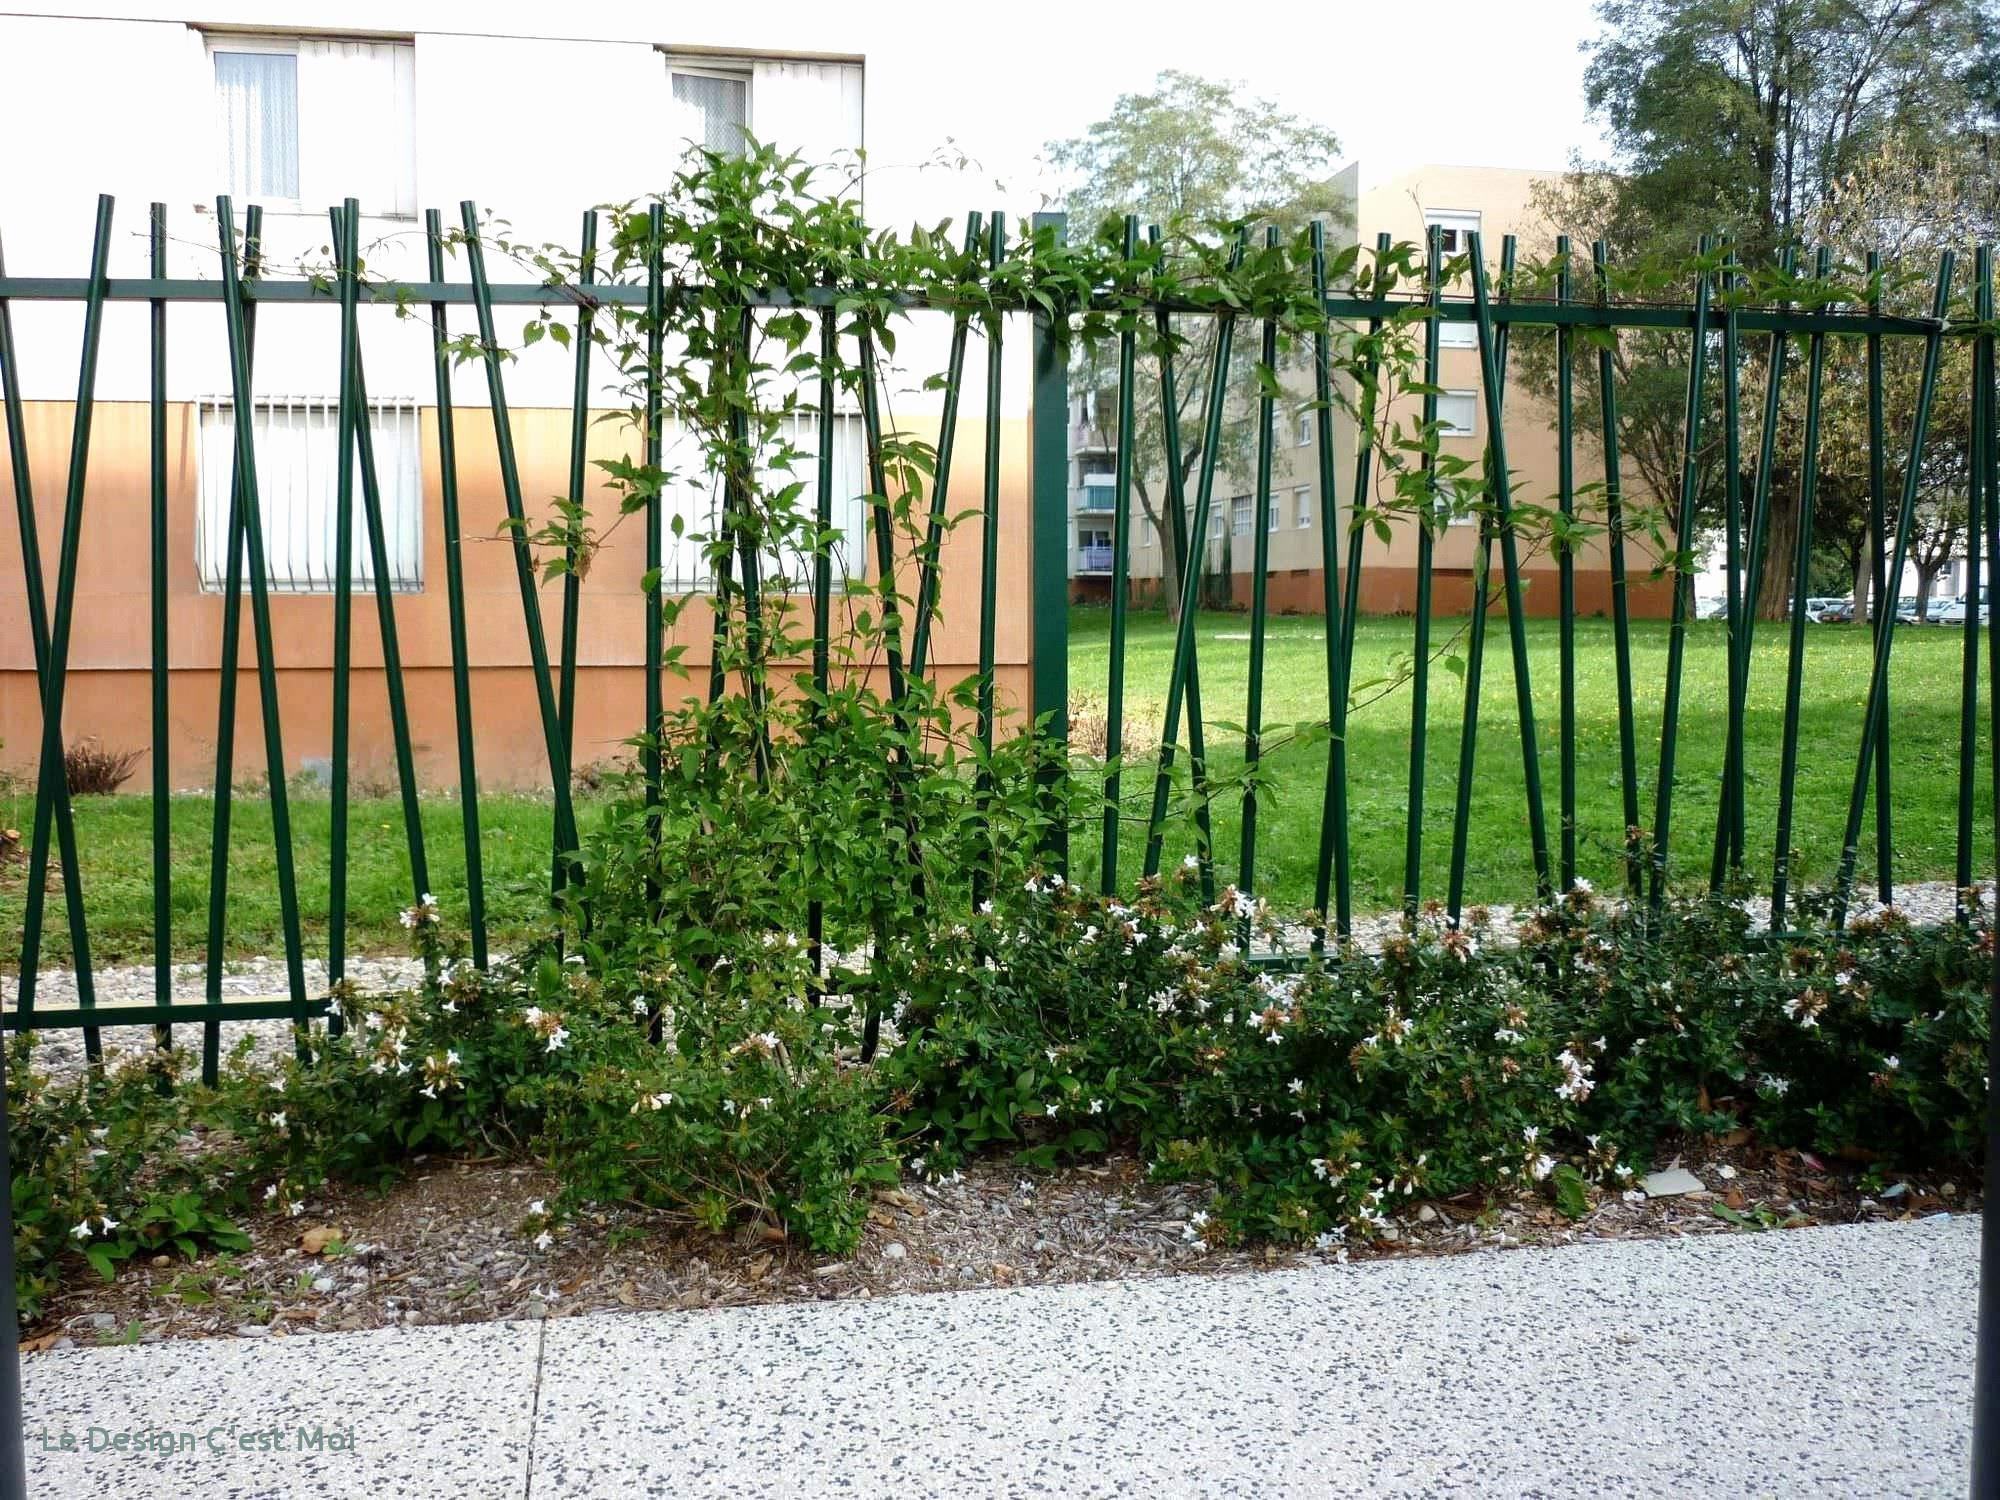 Panneau Treillis Bois Castorama Beau Photos La Plus De Stupéfiant Dessin Pour Bois Castorama – Le Design ‡ Est Moi